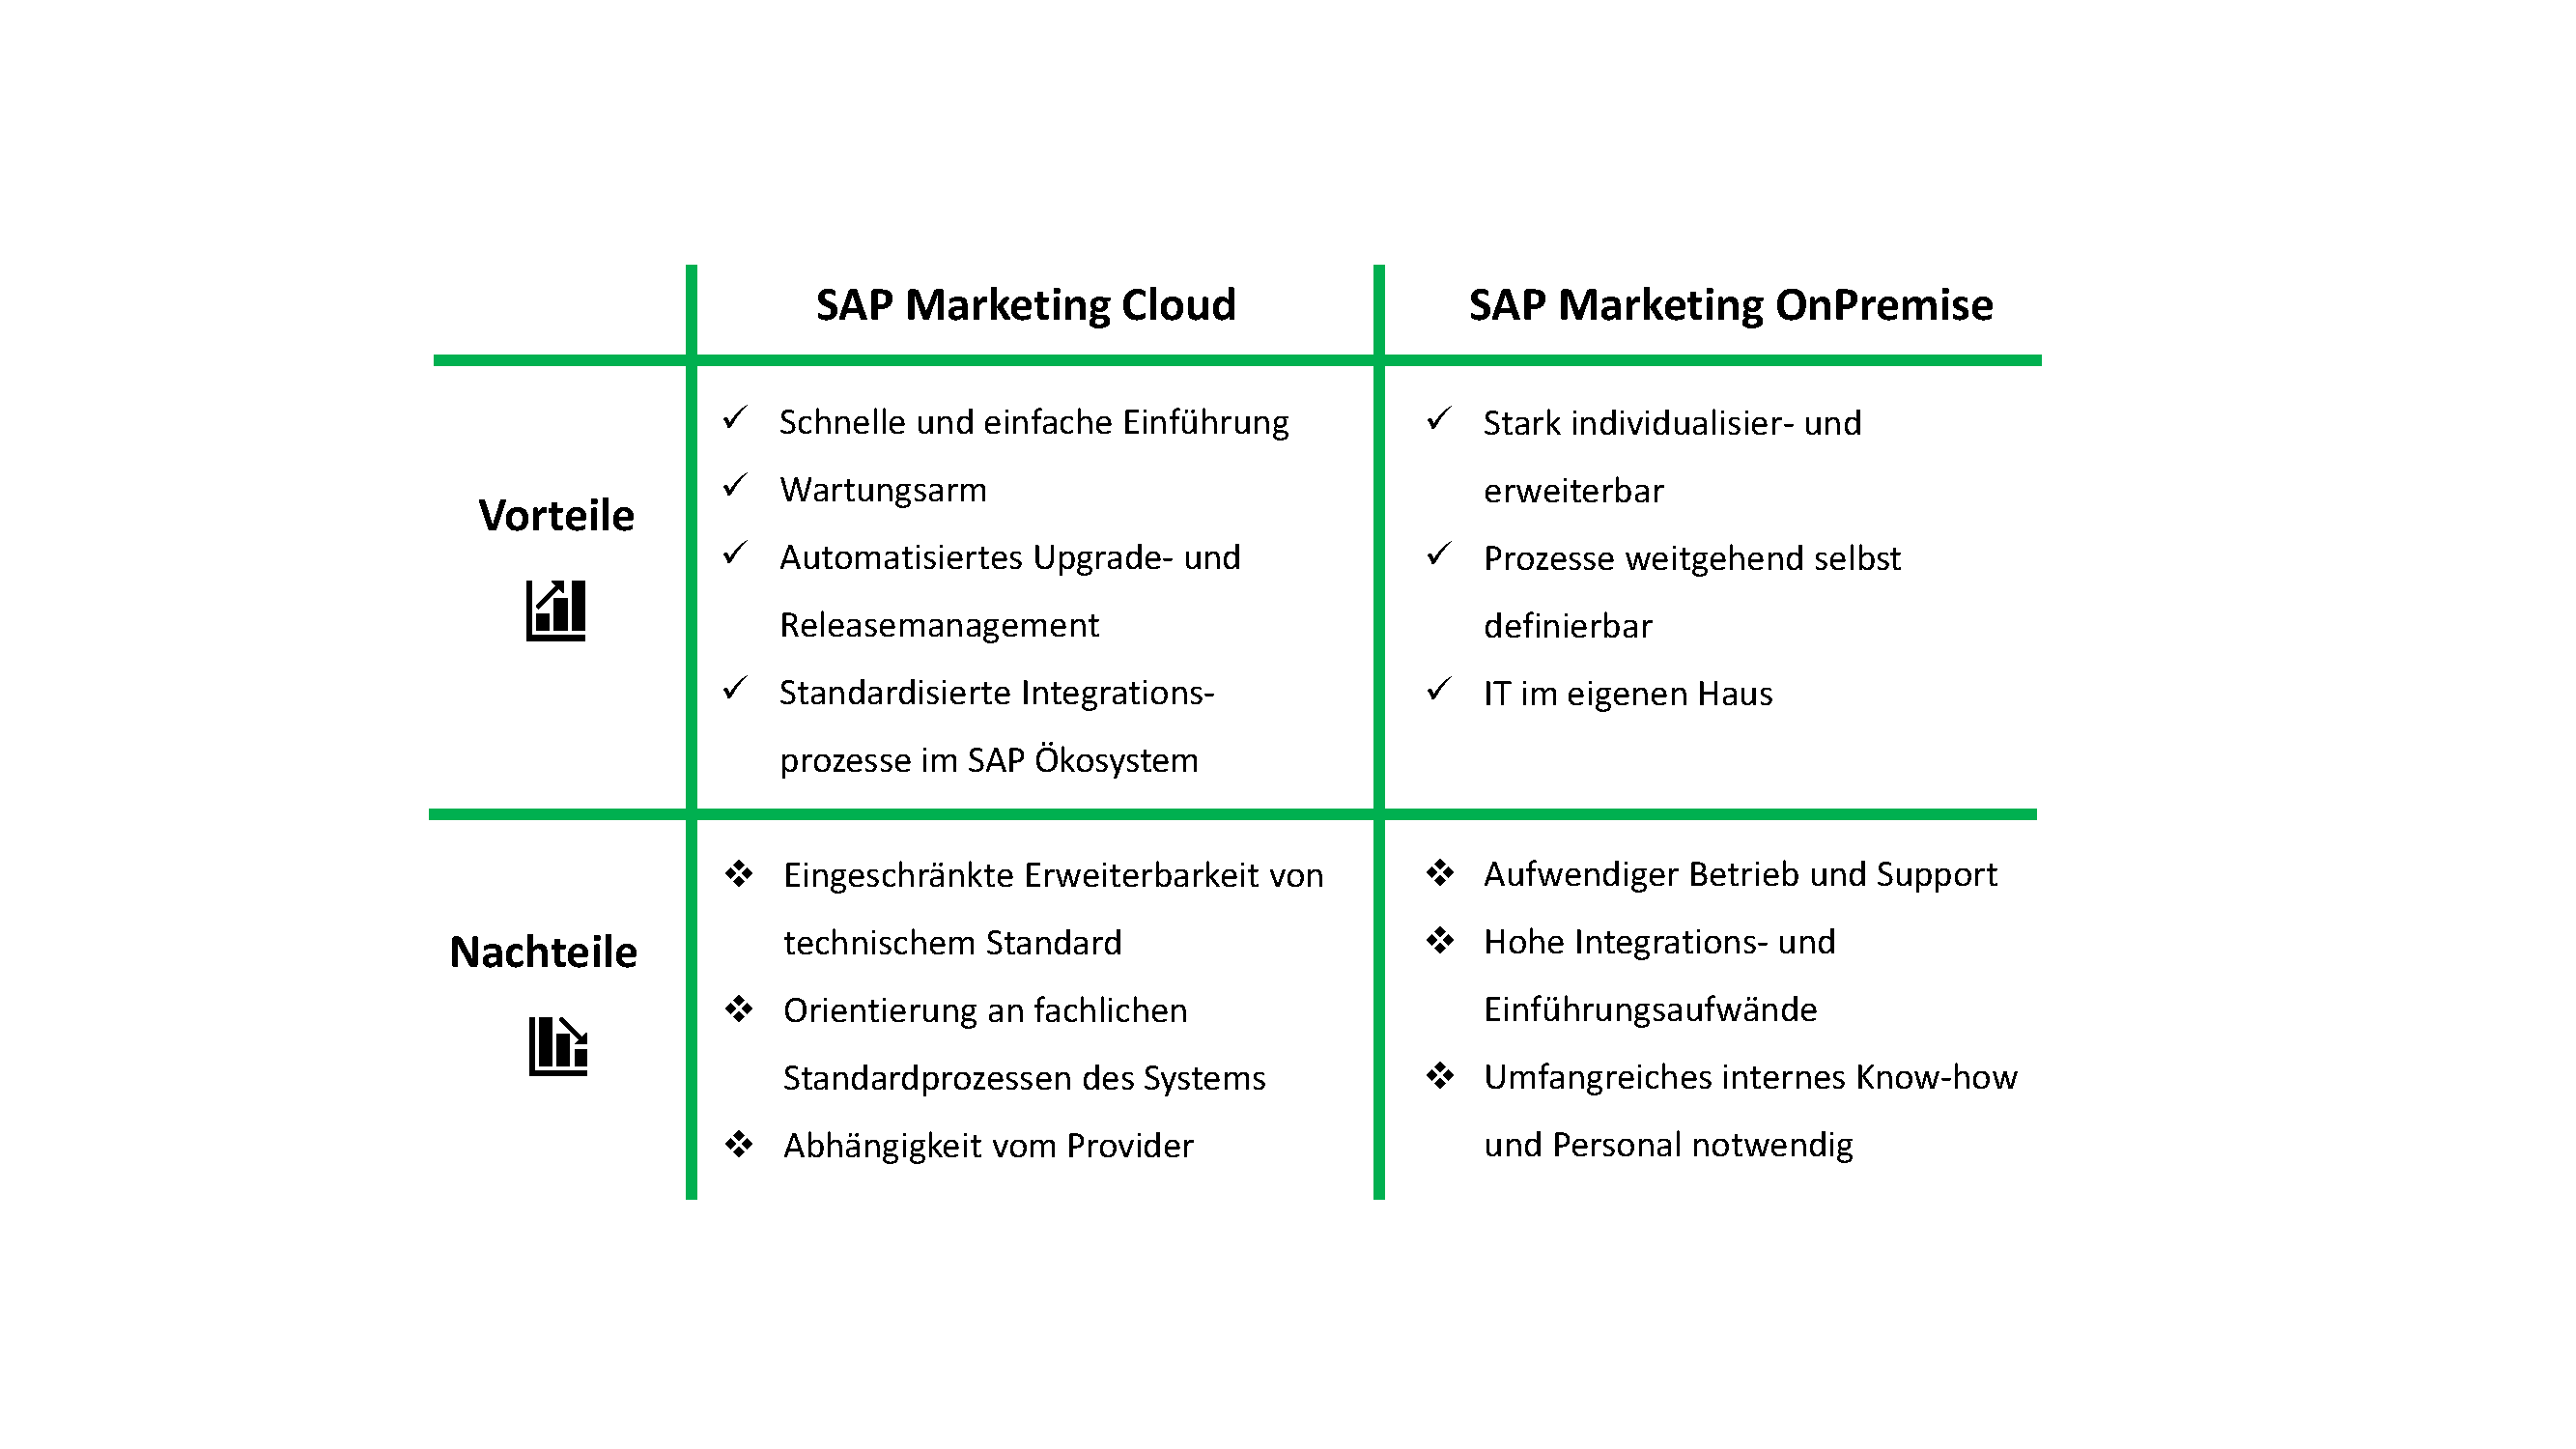 Cloud- und On-Premise-Lösungen haben verschiedenen Vor- und Nachteile, die bei Entscheidungsfindung beachtet werden müssen.